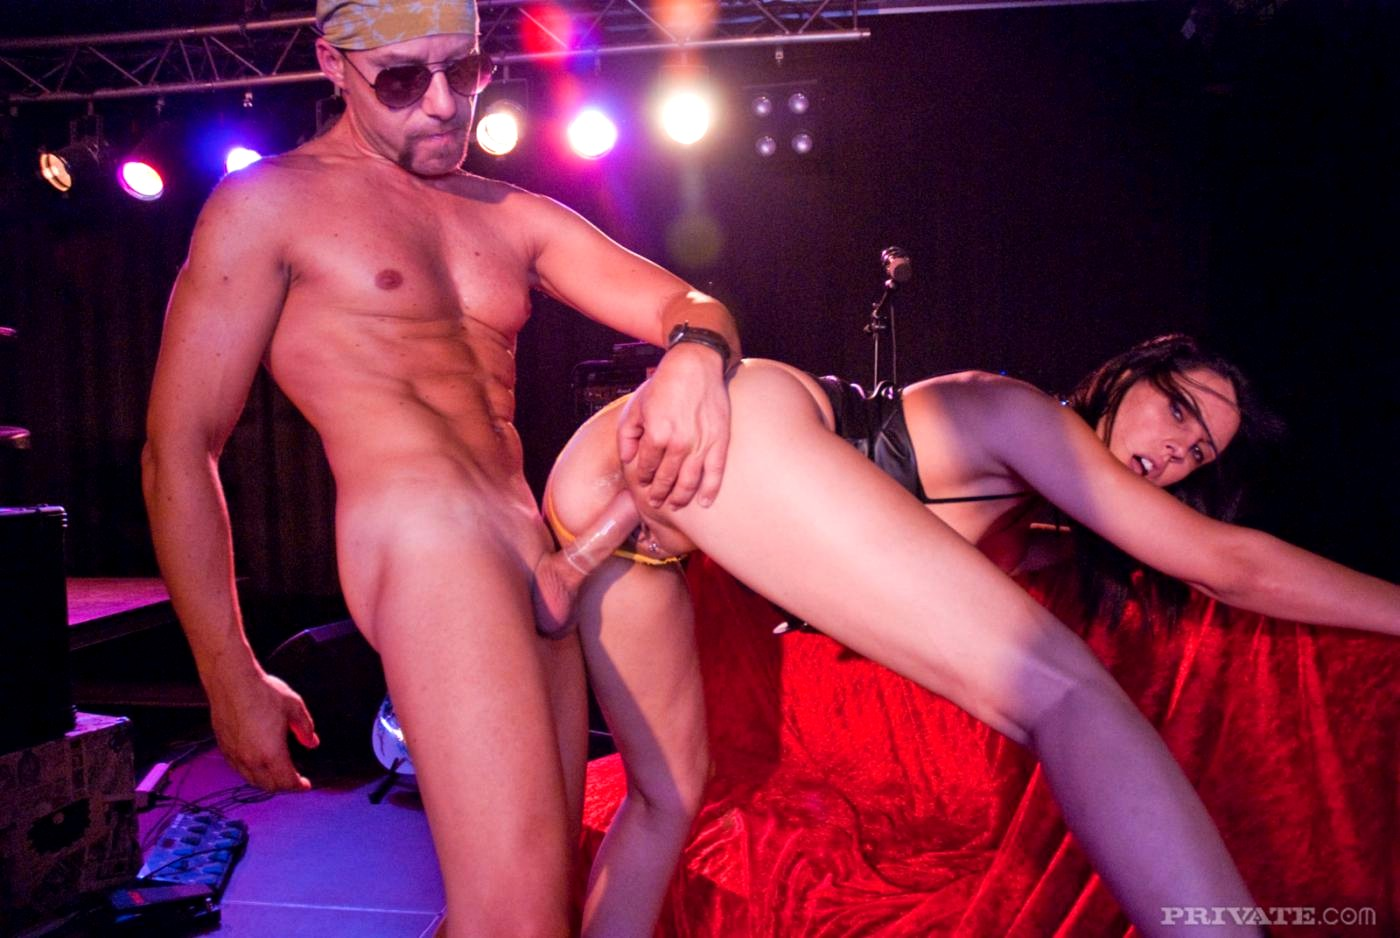 Concert sex pictures, schoolgirls shower room sex